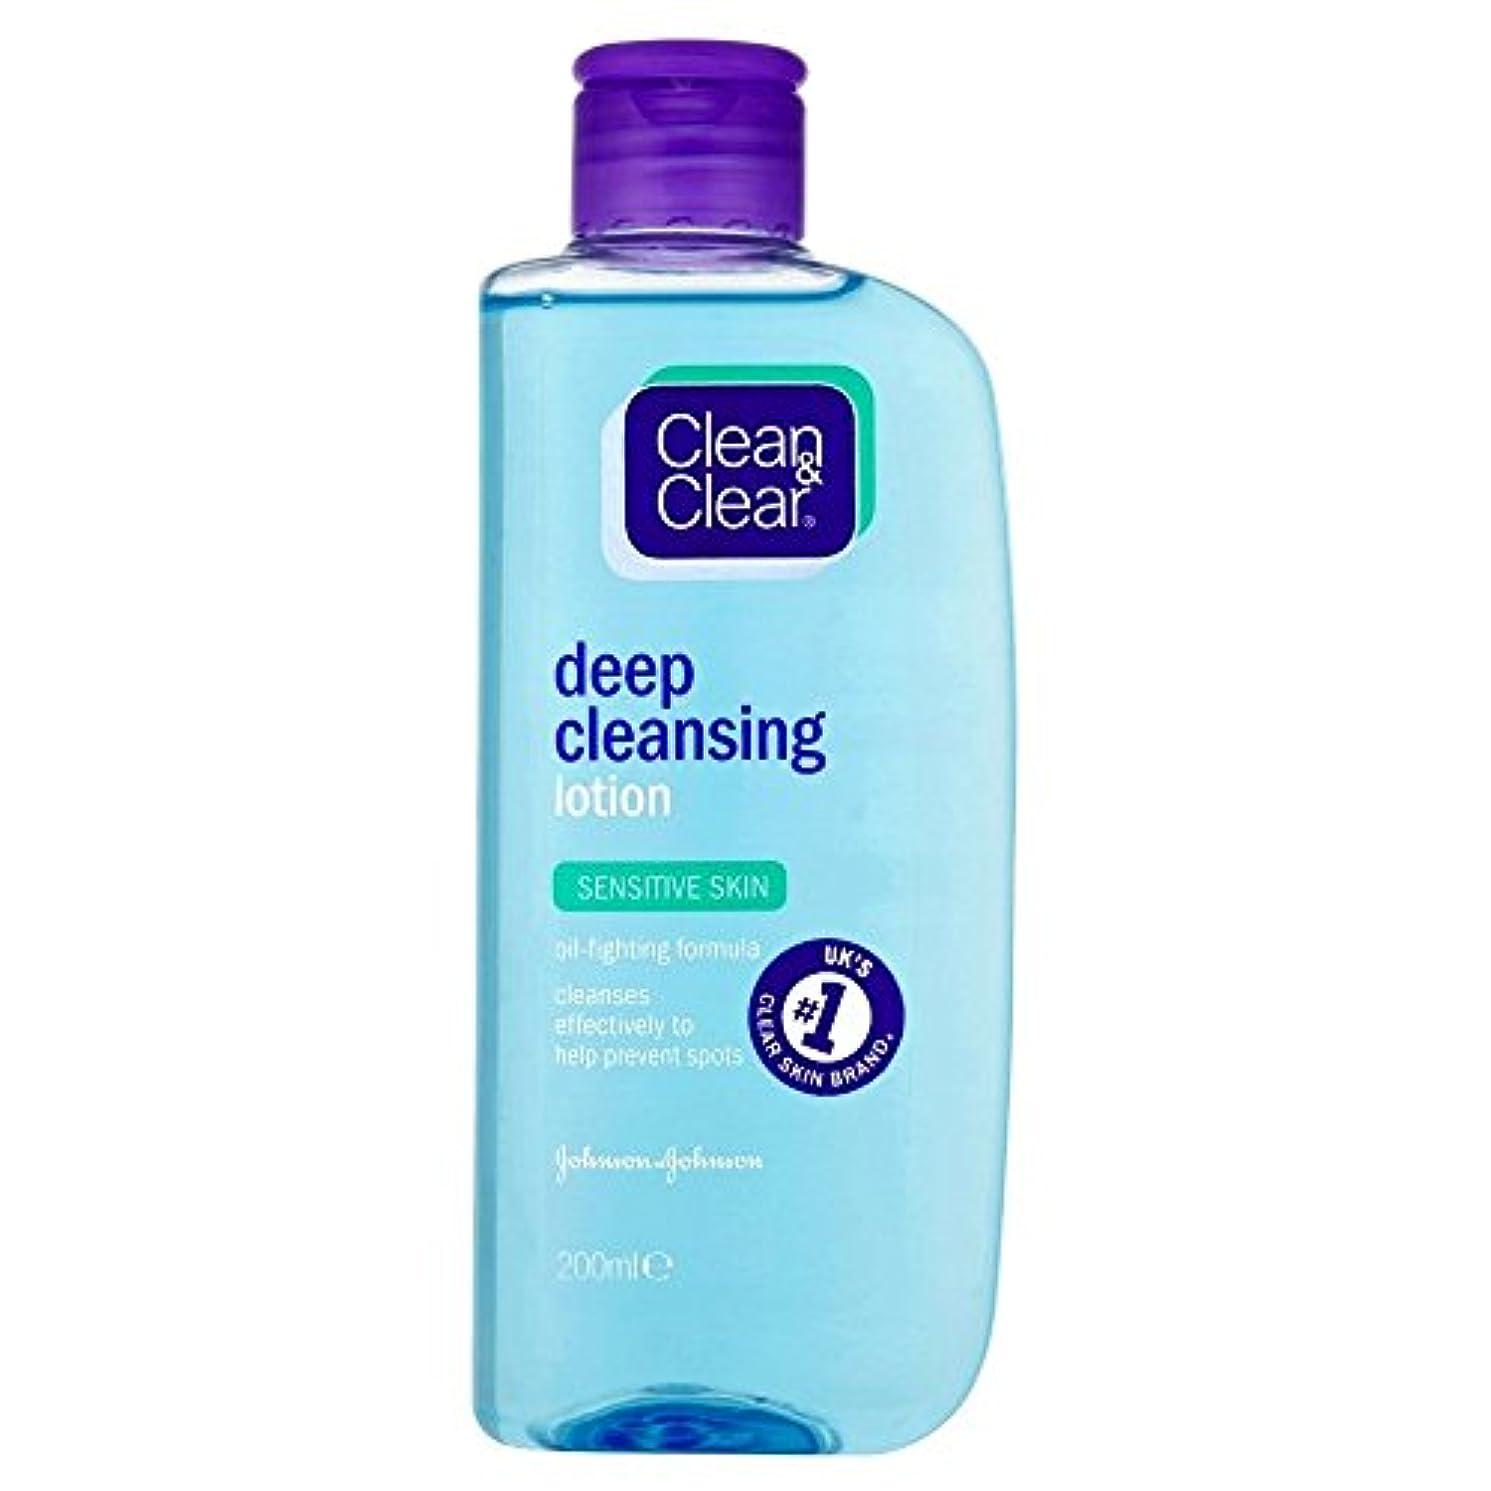 愛するアブセイ意欲Clean & Clear Deep Cleansing Lotion - Sensitive (200ml) クリーンで明確なディープクレンジングローション - 感受性( 200ミリリットル) [並行輸入品]